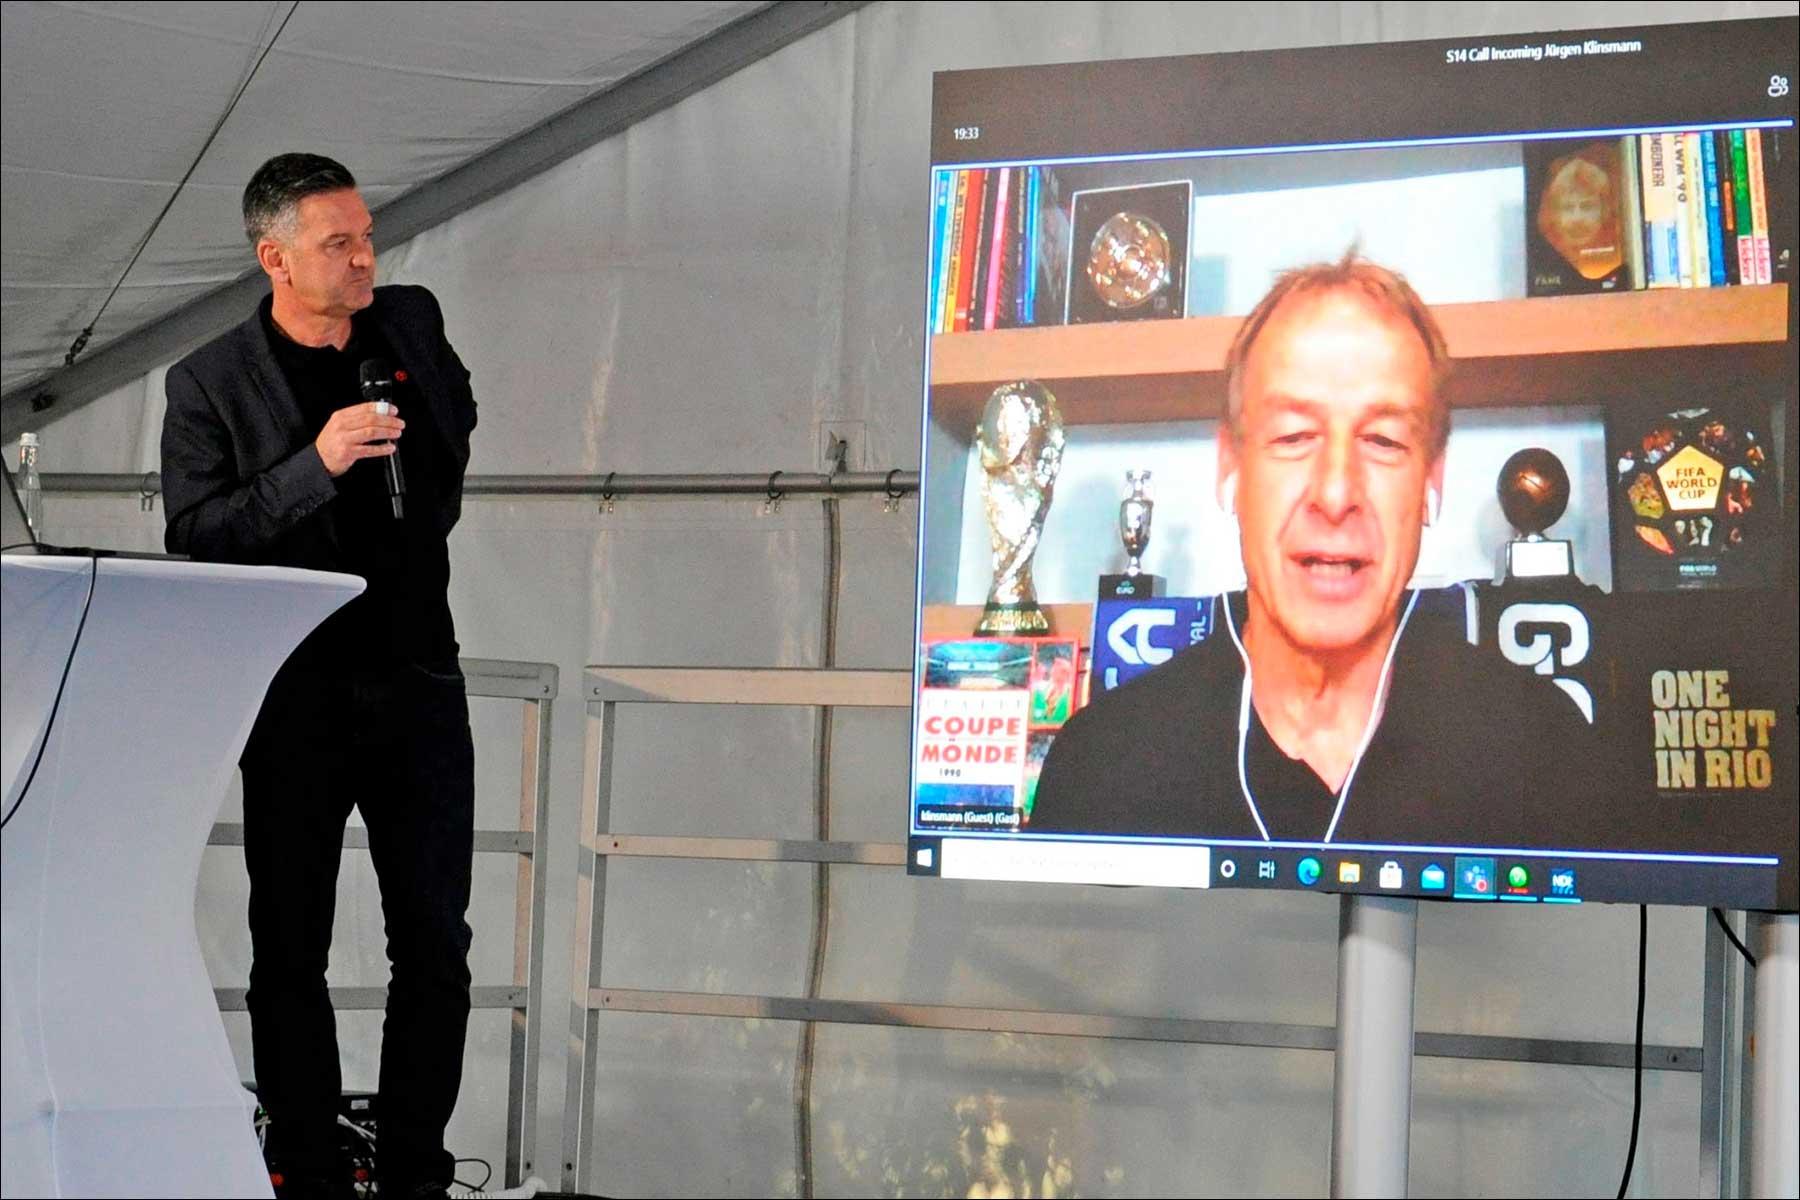 Zum Abschluss sprach Jürgen Klinsmann in einer Video-Live-Schaltung mit Rainer Sprinzl über Führungskultur und den Einsatz von Medientechnik im Fußball (Foto: exertis Pro AV)